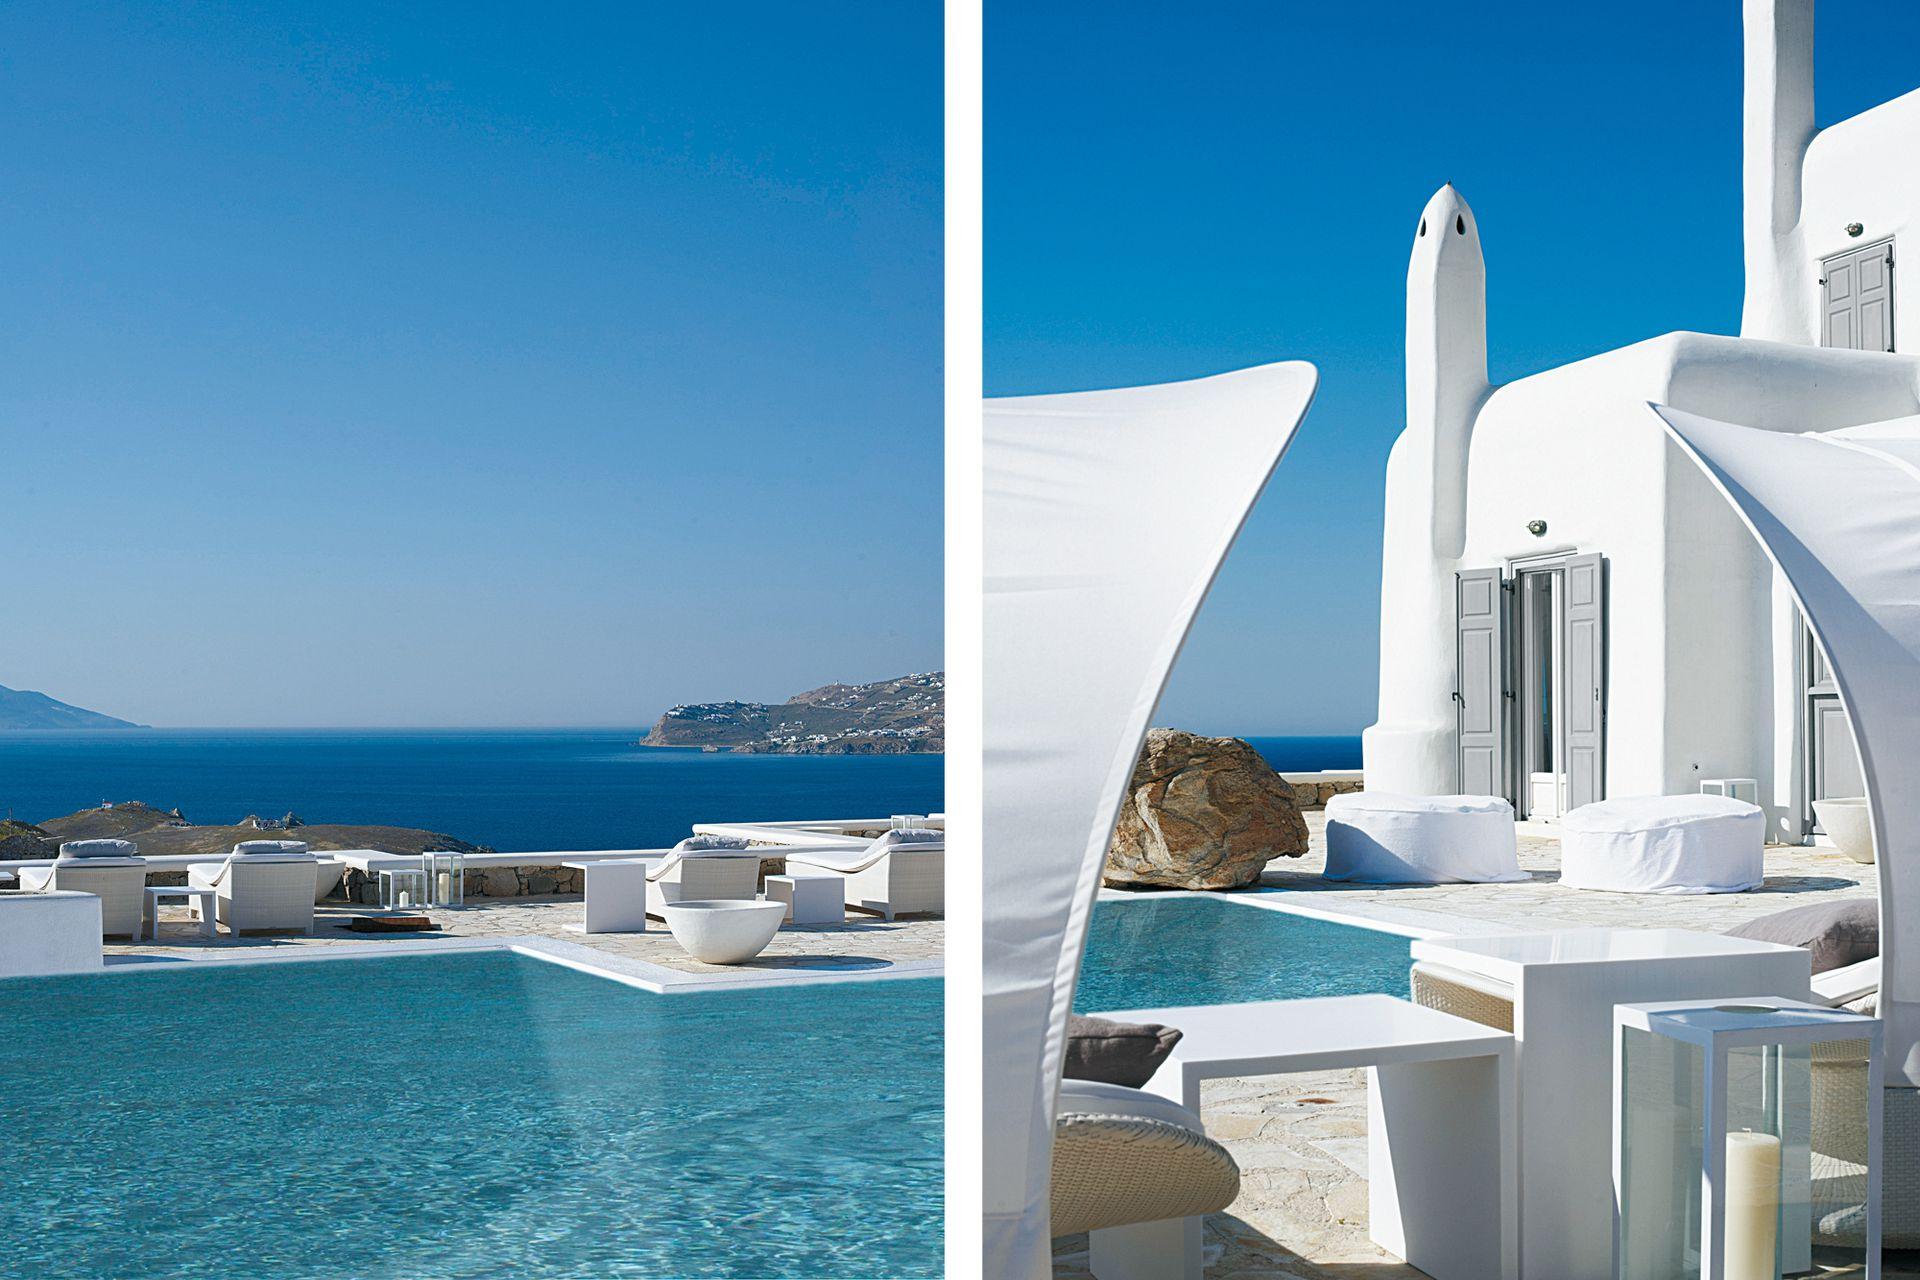 Para disfrutar del aire libre junto a la pileta de agua salada, dos sillas de playa Summer Cloud', de la firma alemana Dedon, con altos respaldos inspirados en velas de barco.